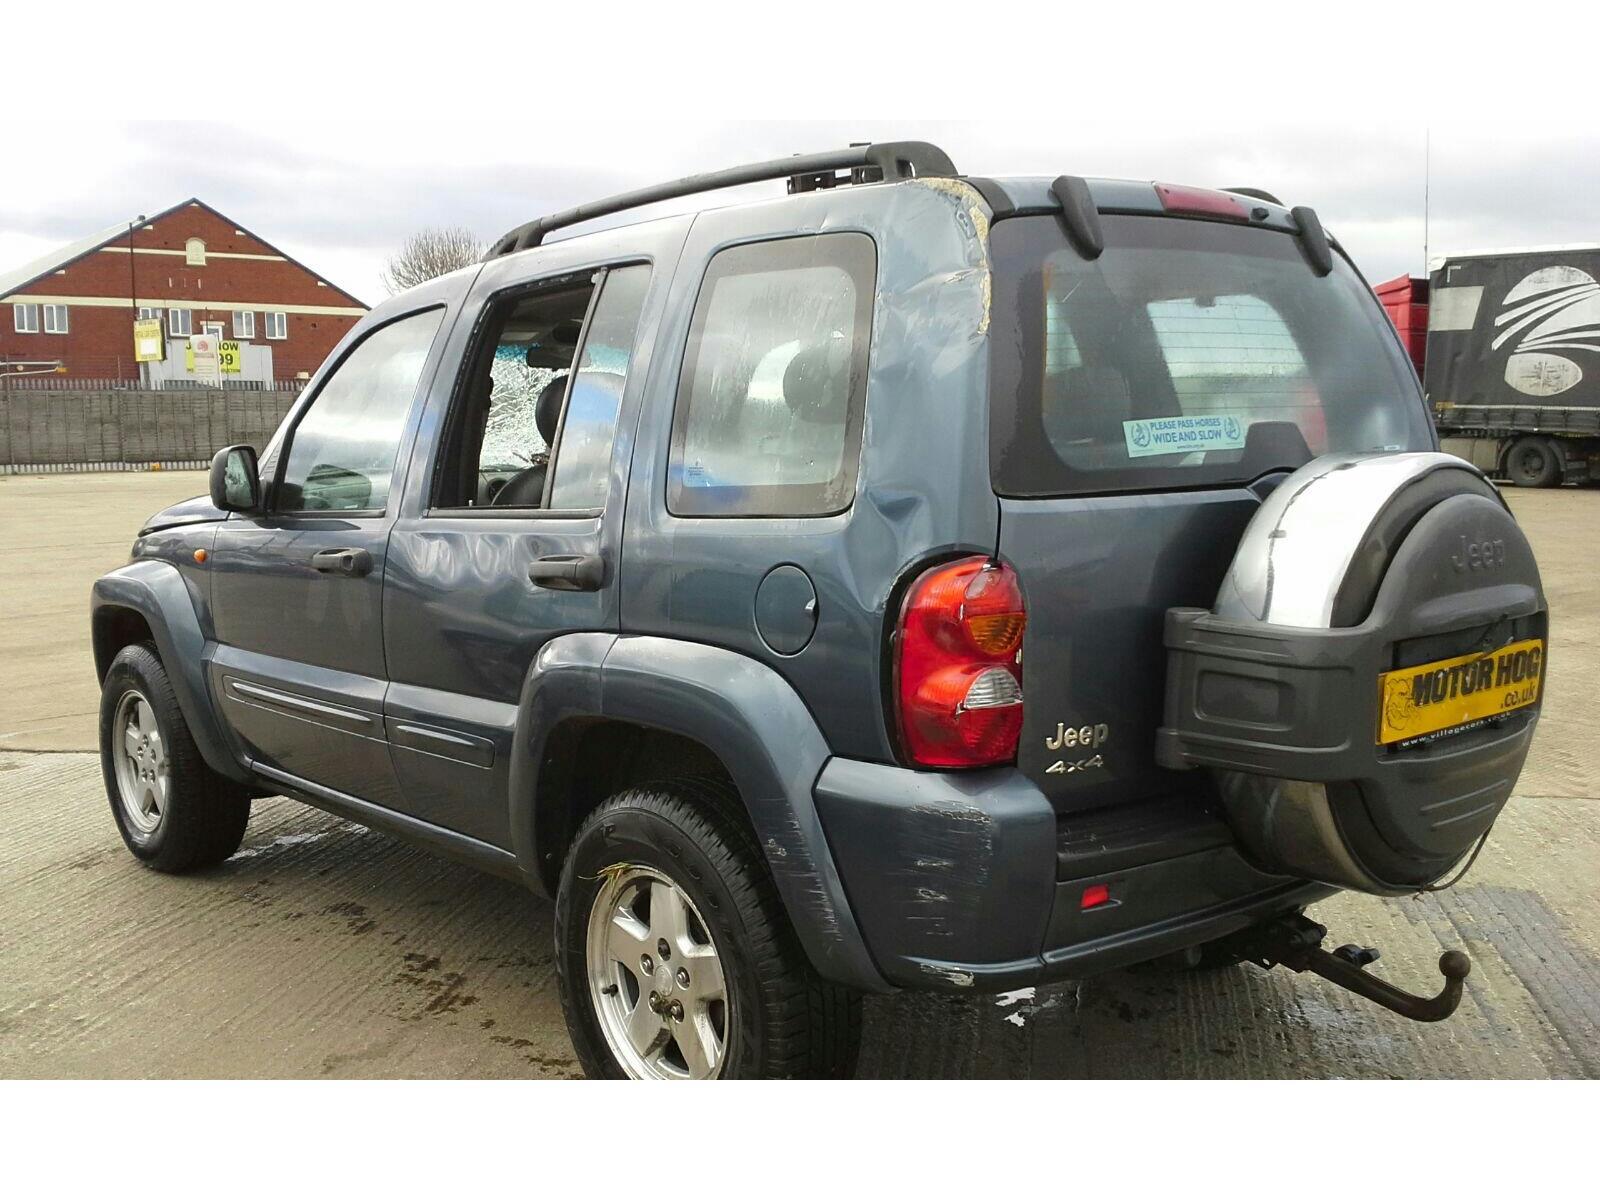 2002 Jeep Cherokee 2001 To 2004 5 Door 4x4 Diesel Manual Grand Fuel Filter